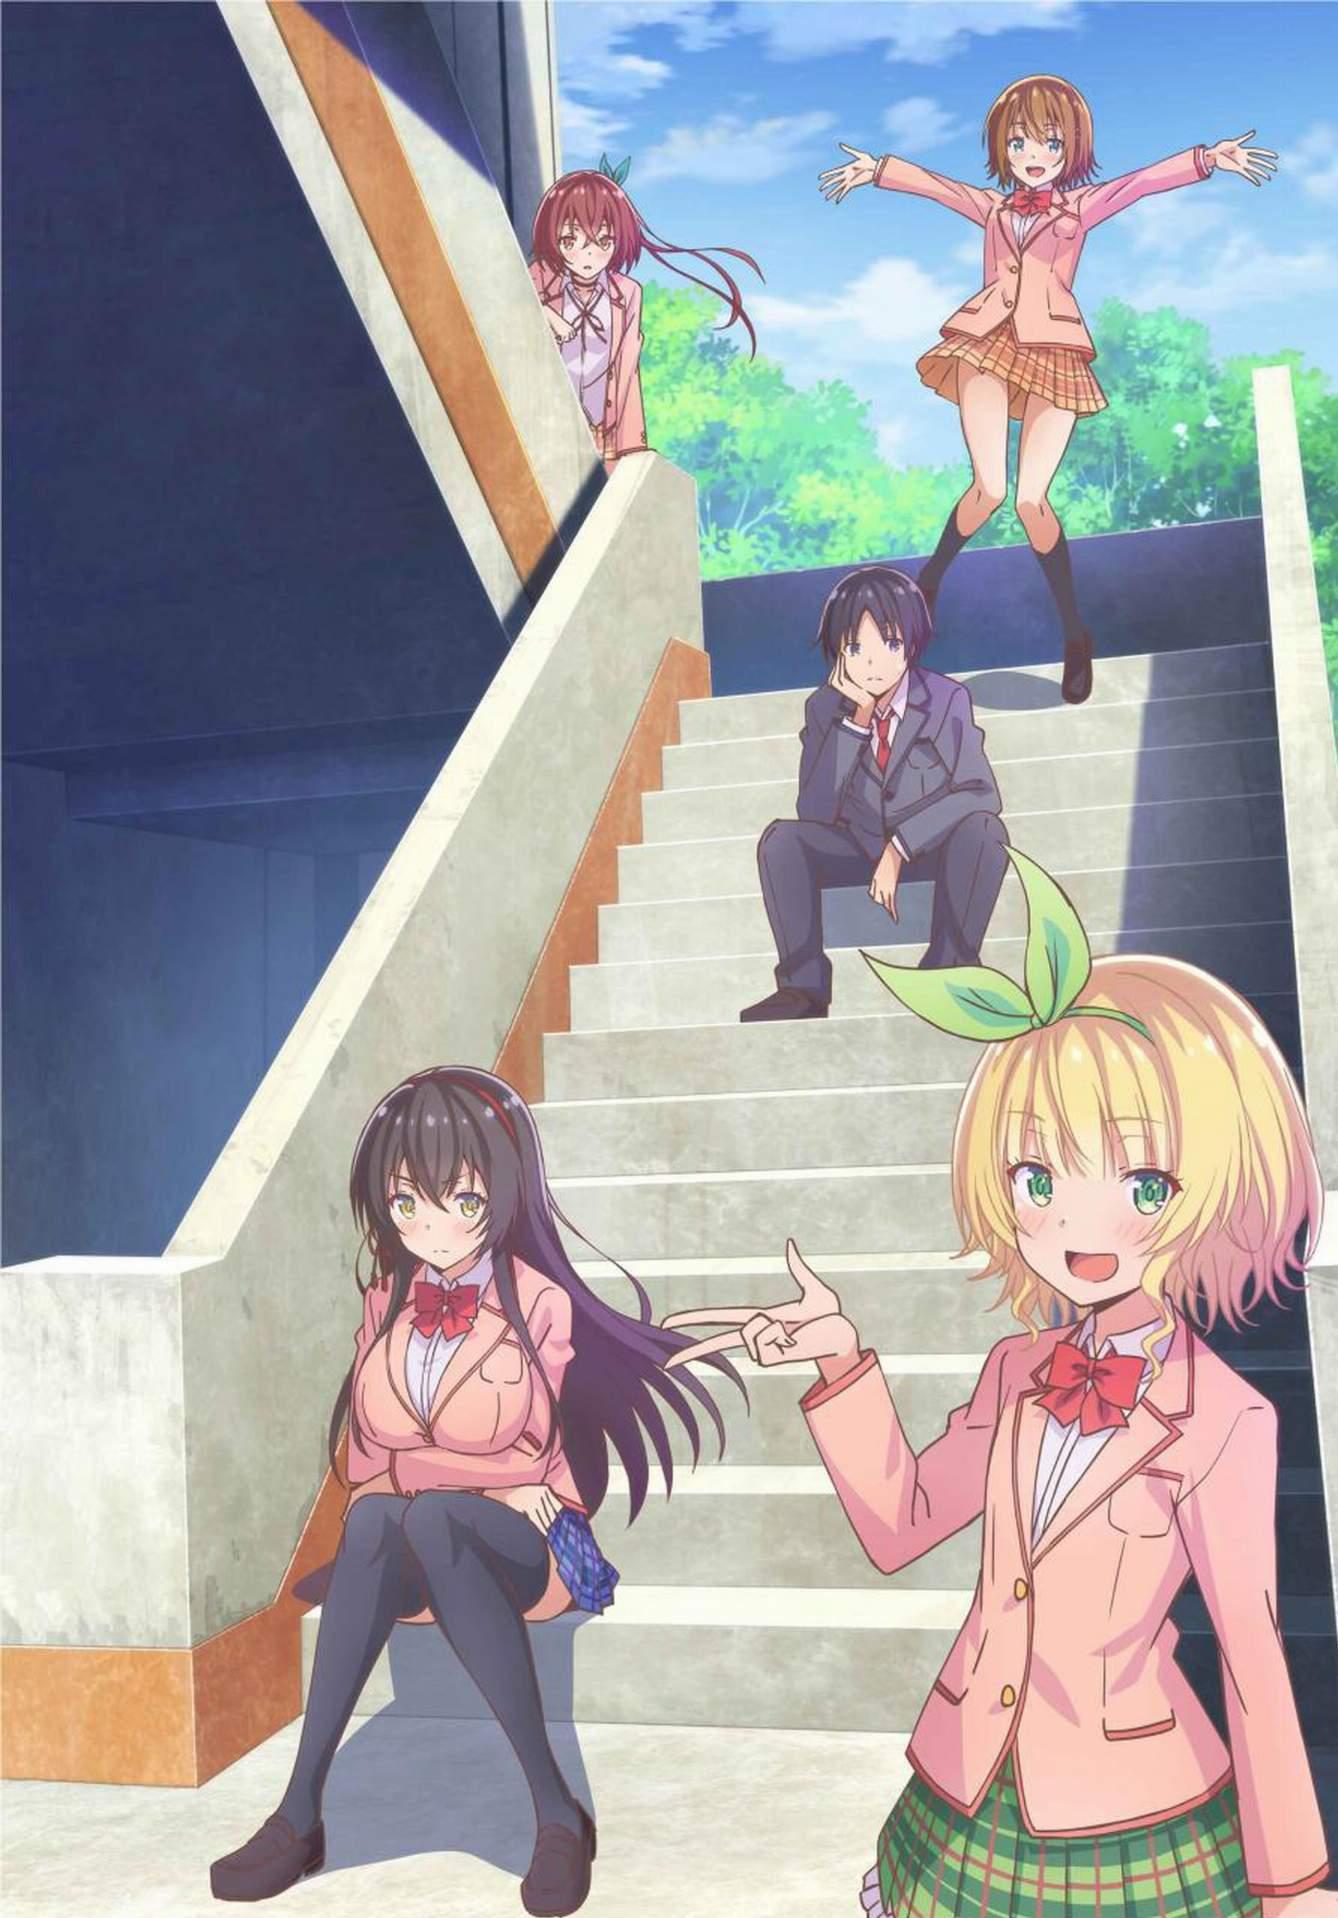 【动漫下载】《只要长得可爱,即使是变态你也喜欢吗?》-Anime漫趣社